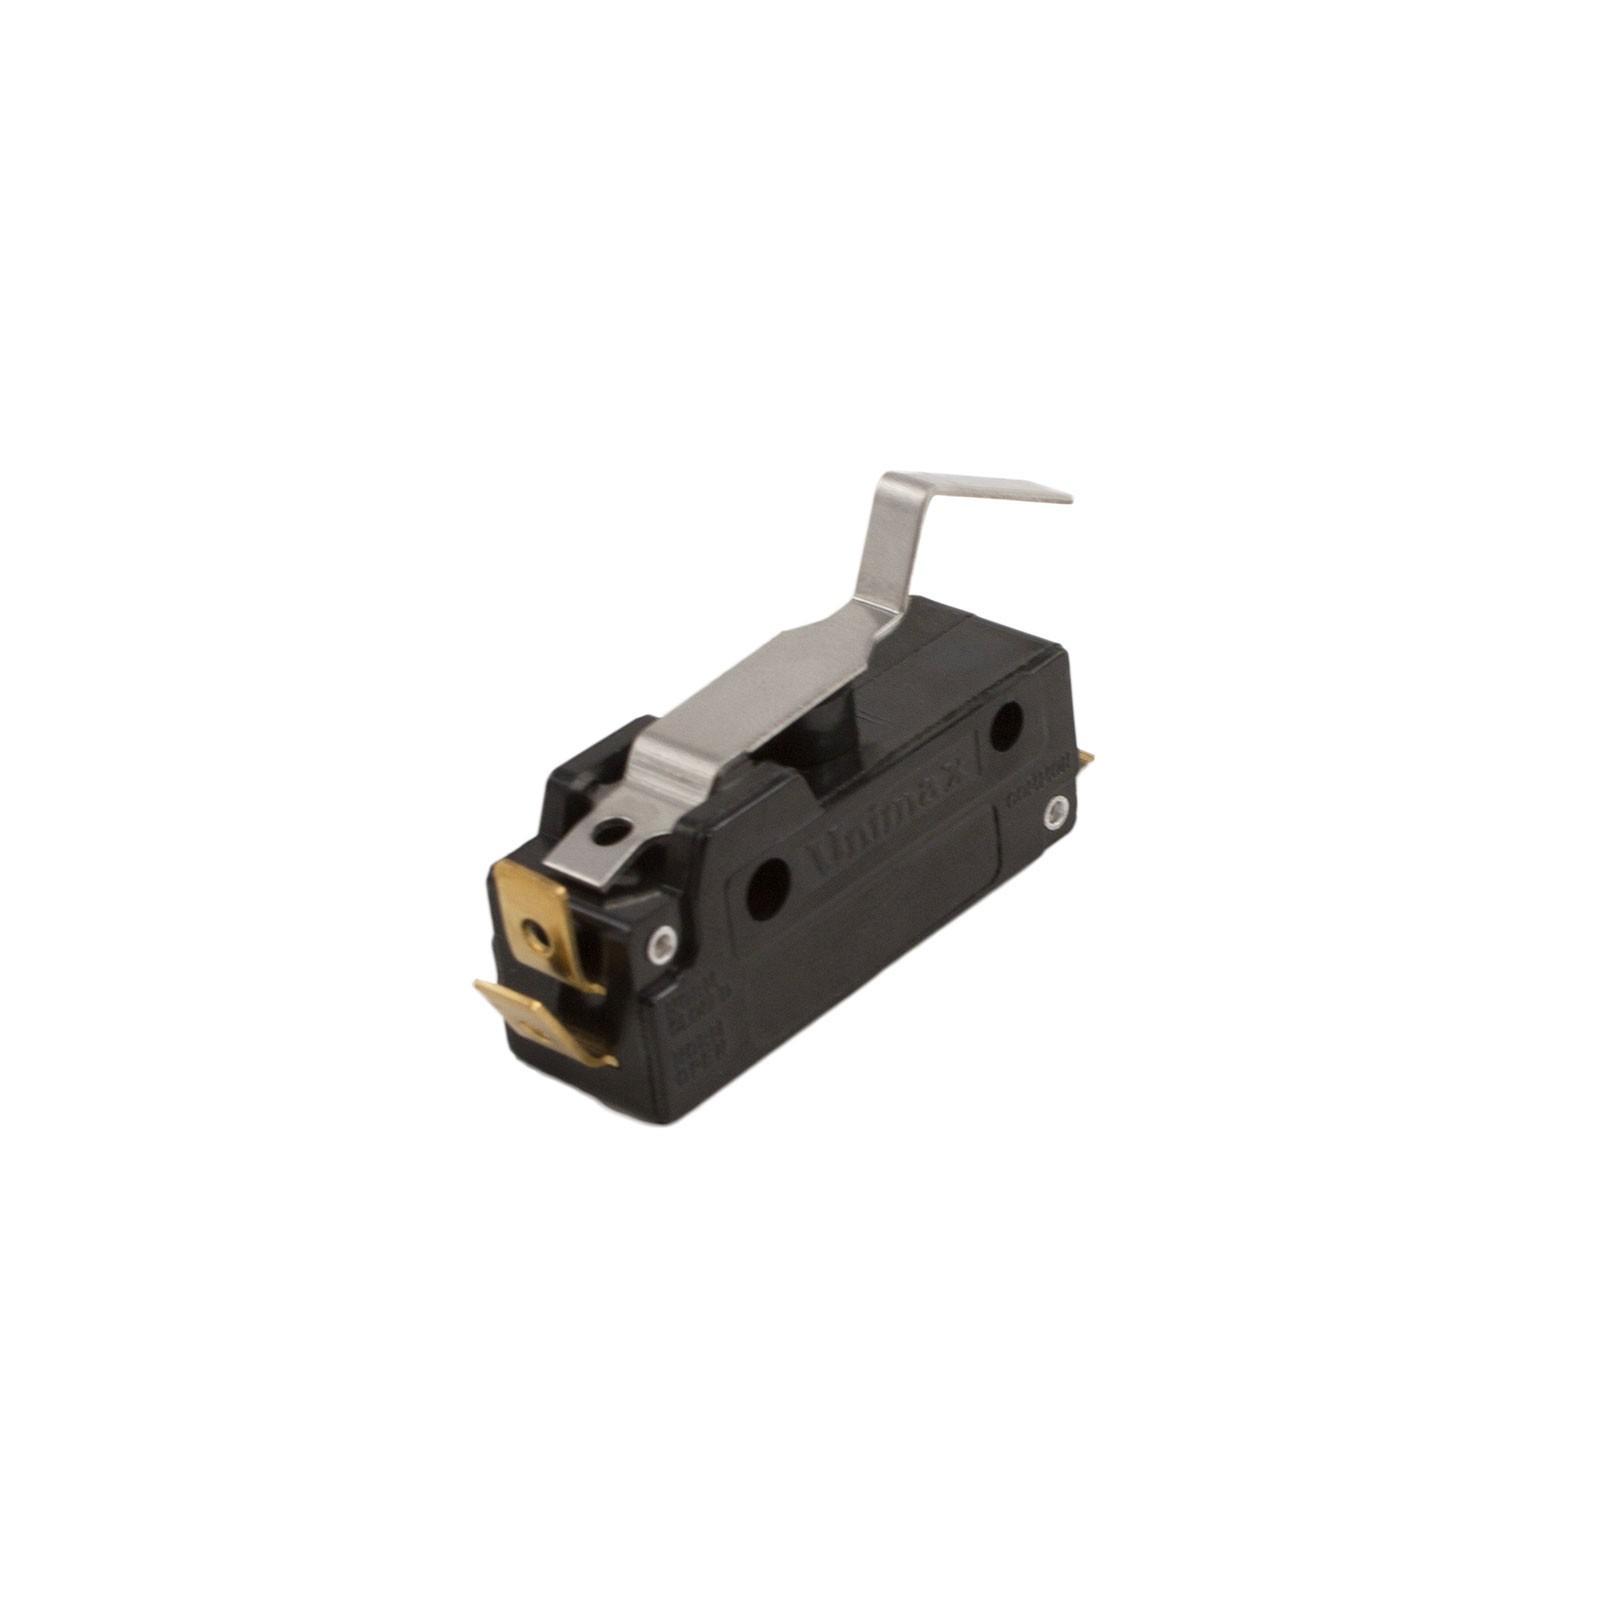 Linear Osco 2500 030 Open Limit Switch Sp Linear Pro